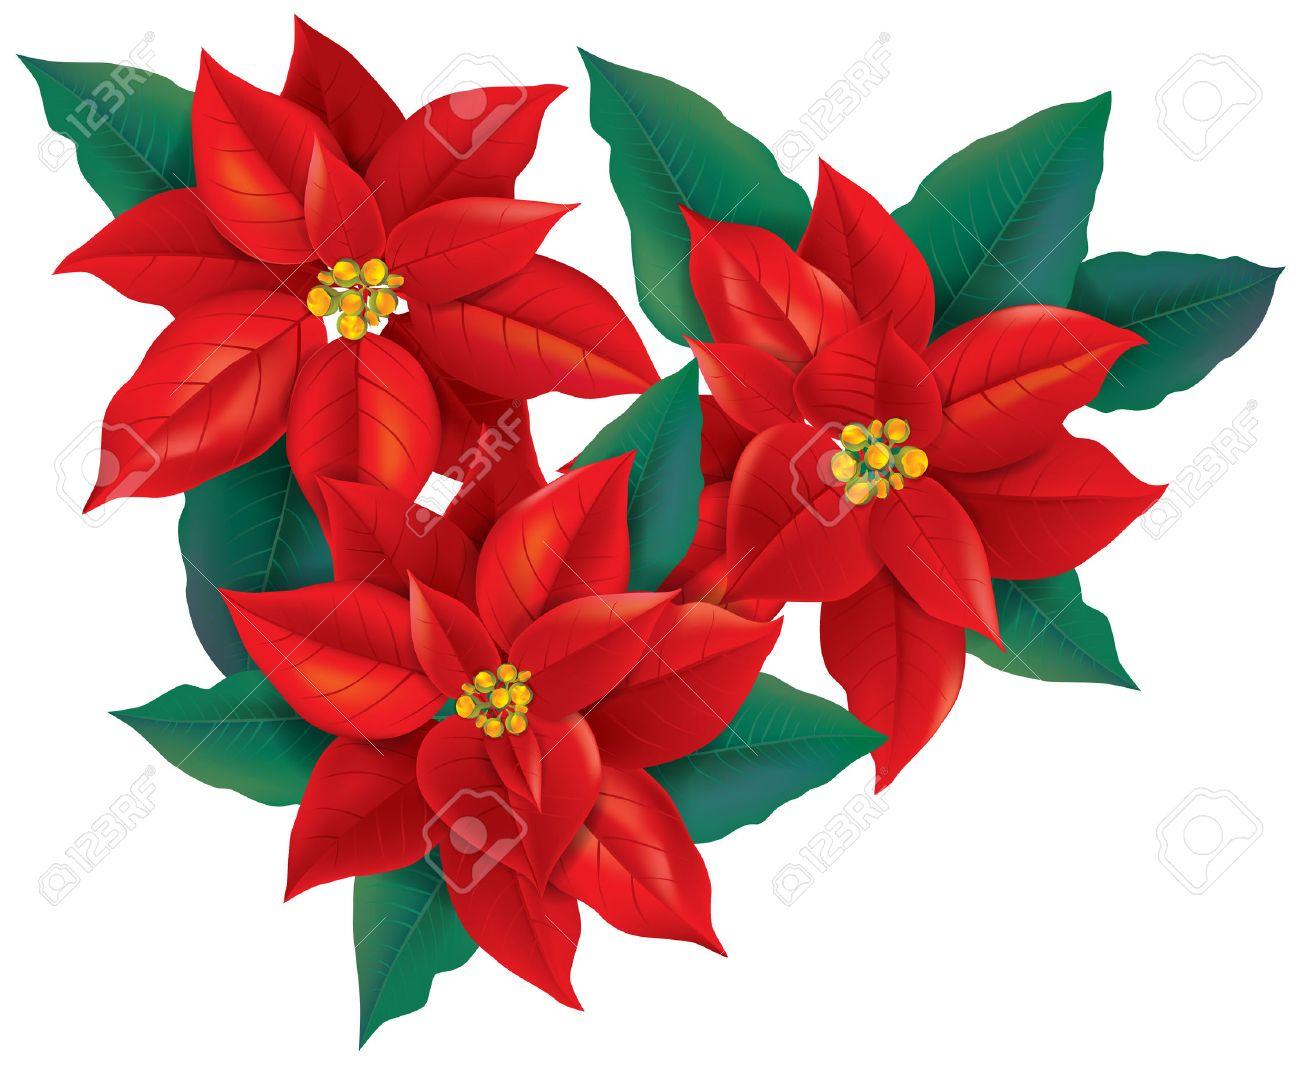 Roter Weihnachtsstern Blume. Transparente Objekte Enthält. EPS10 ...